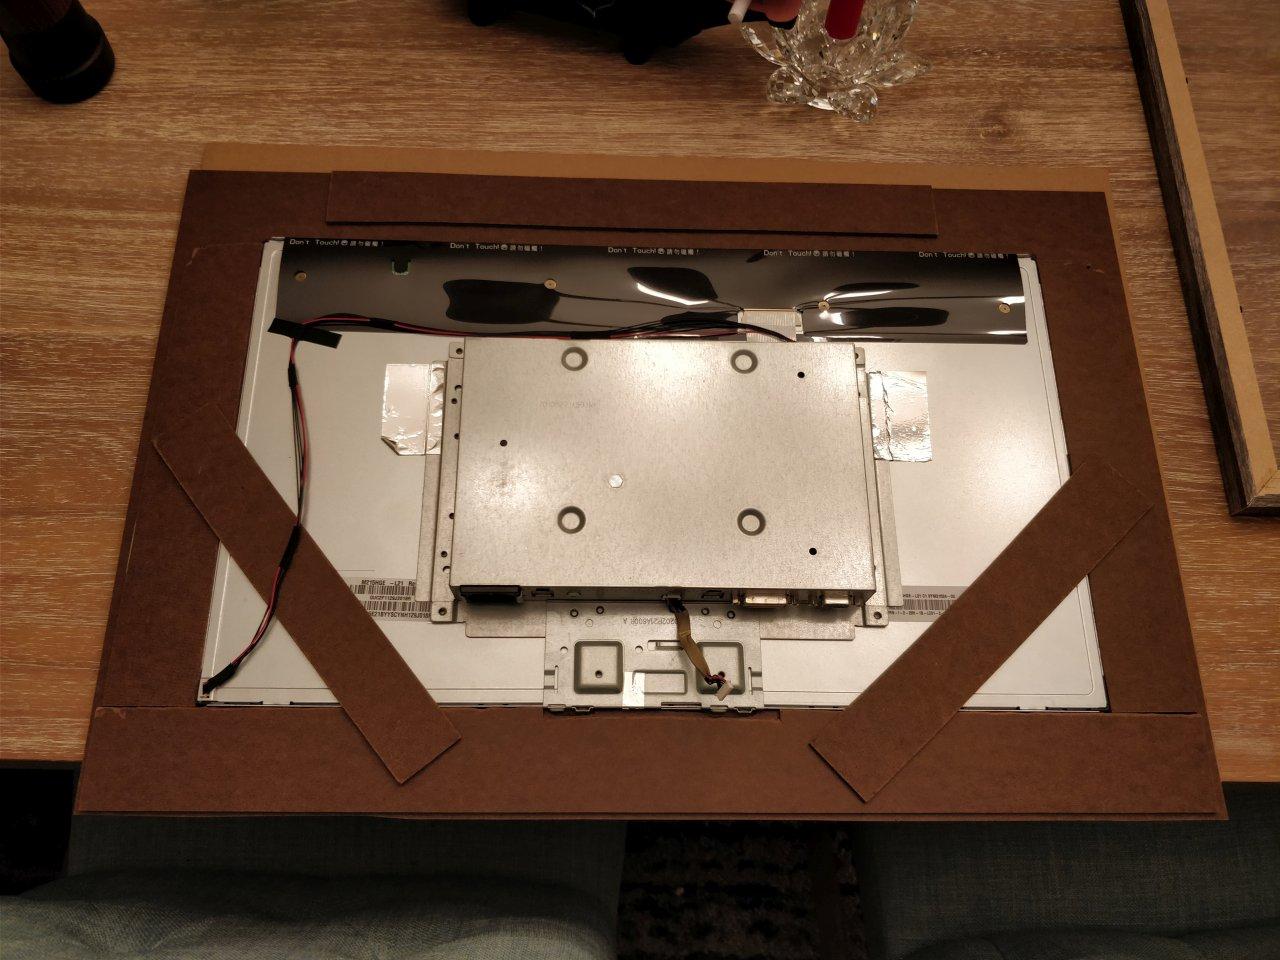 Sense/Net - Building a digital photoframe